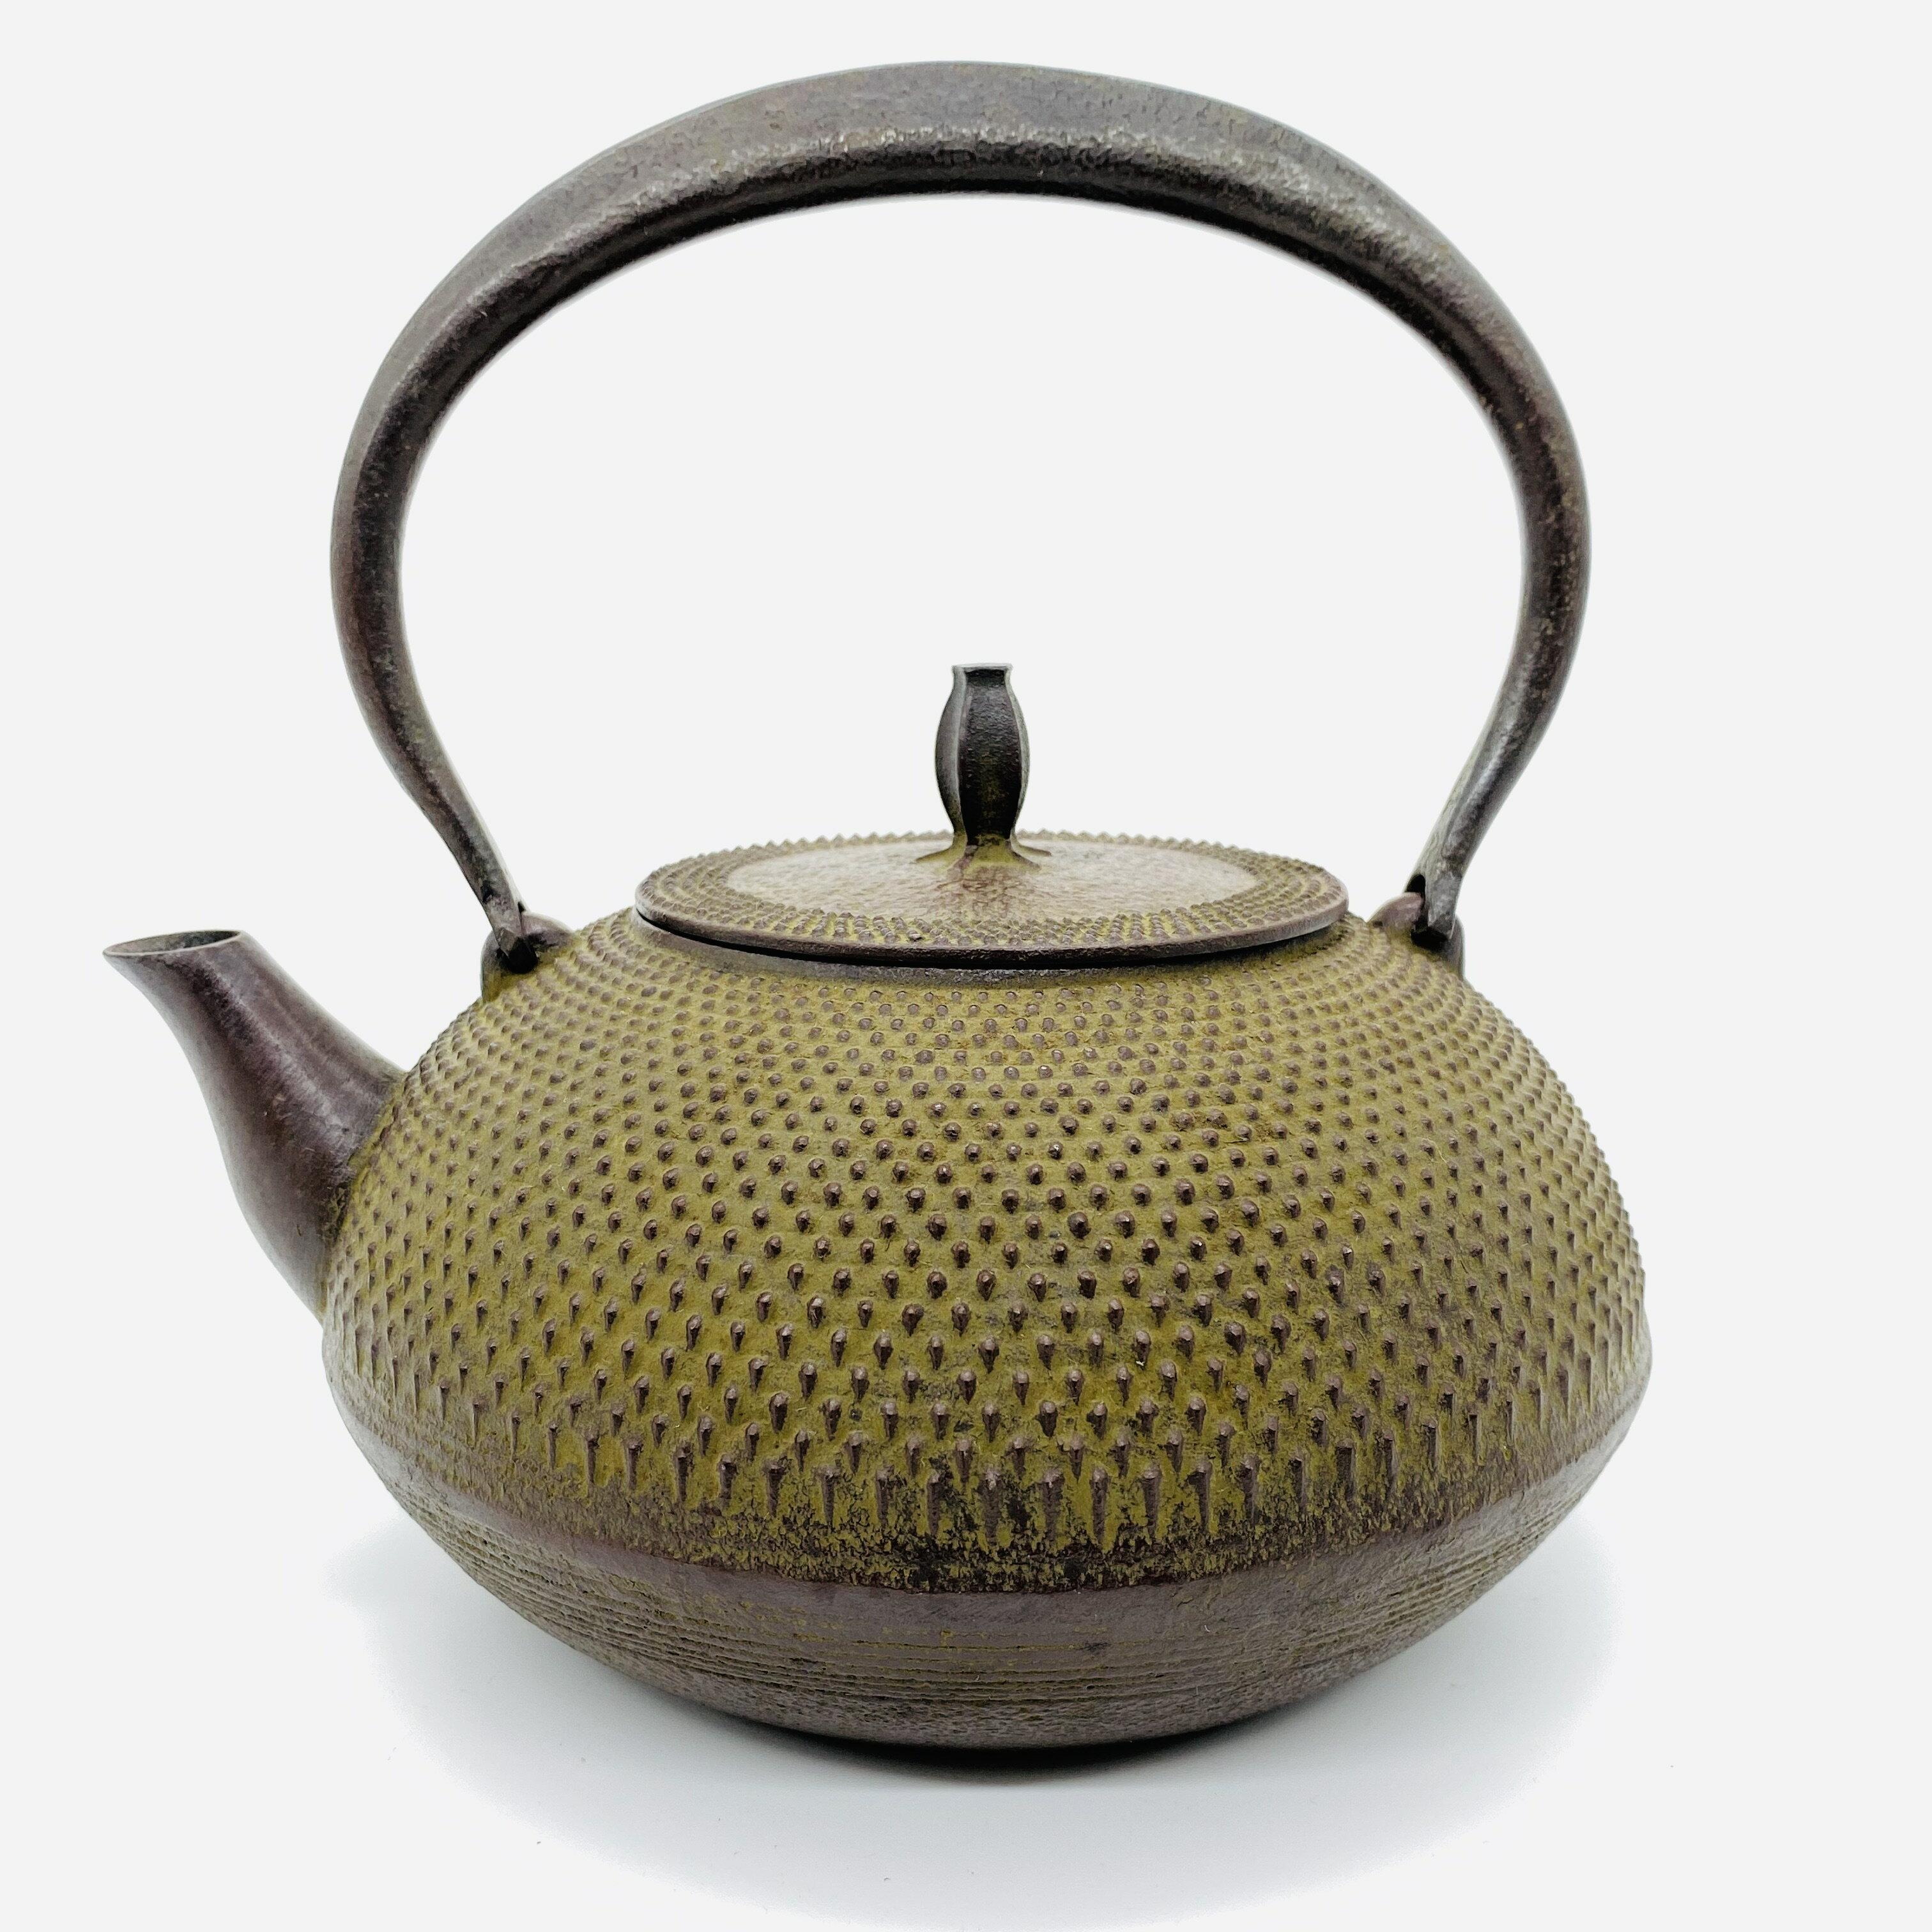 日本 本場南部鐵器-【佐藤勝久 平丸型 霰 1.5L】鐵壺 鉄瓶 煮水 泡茶 只有1個 2